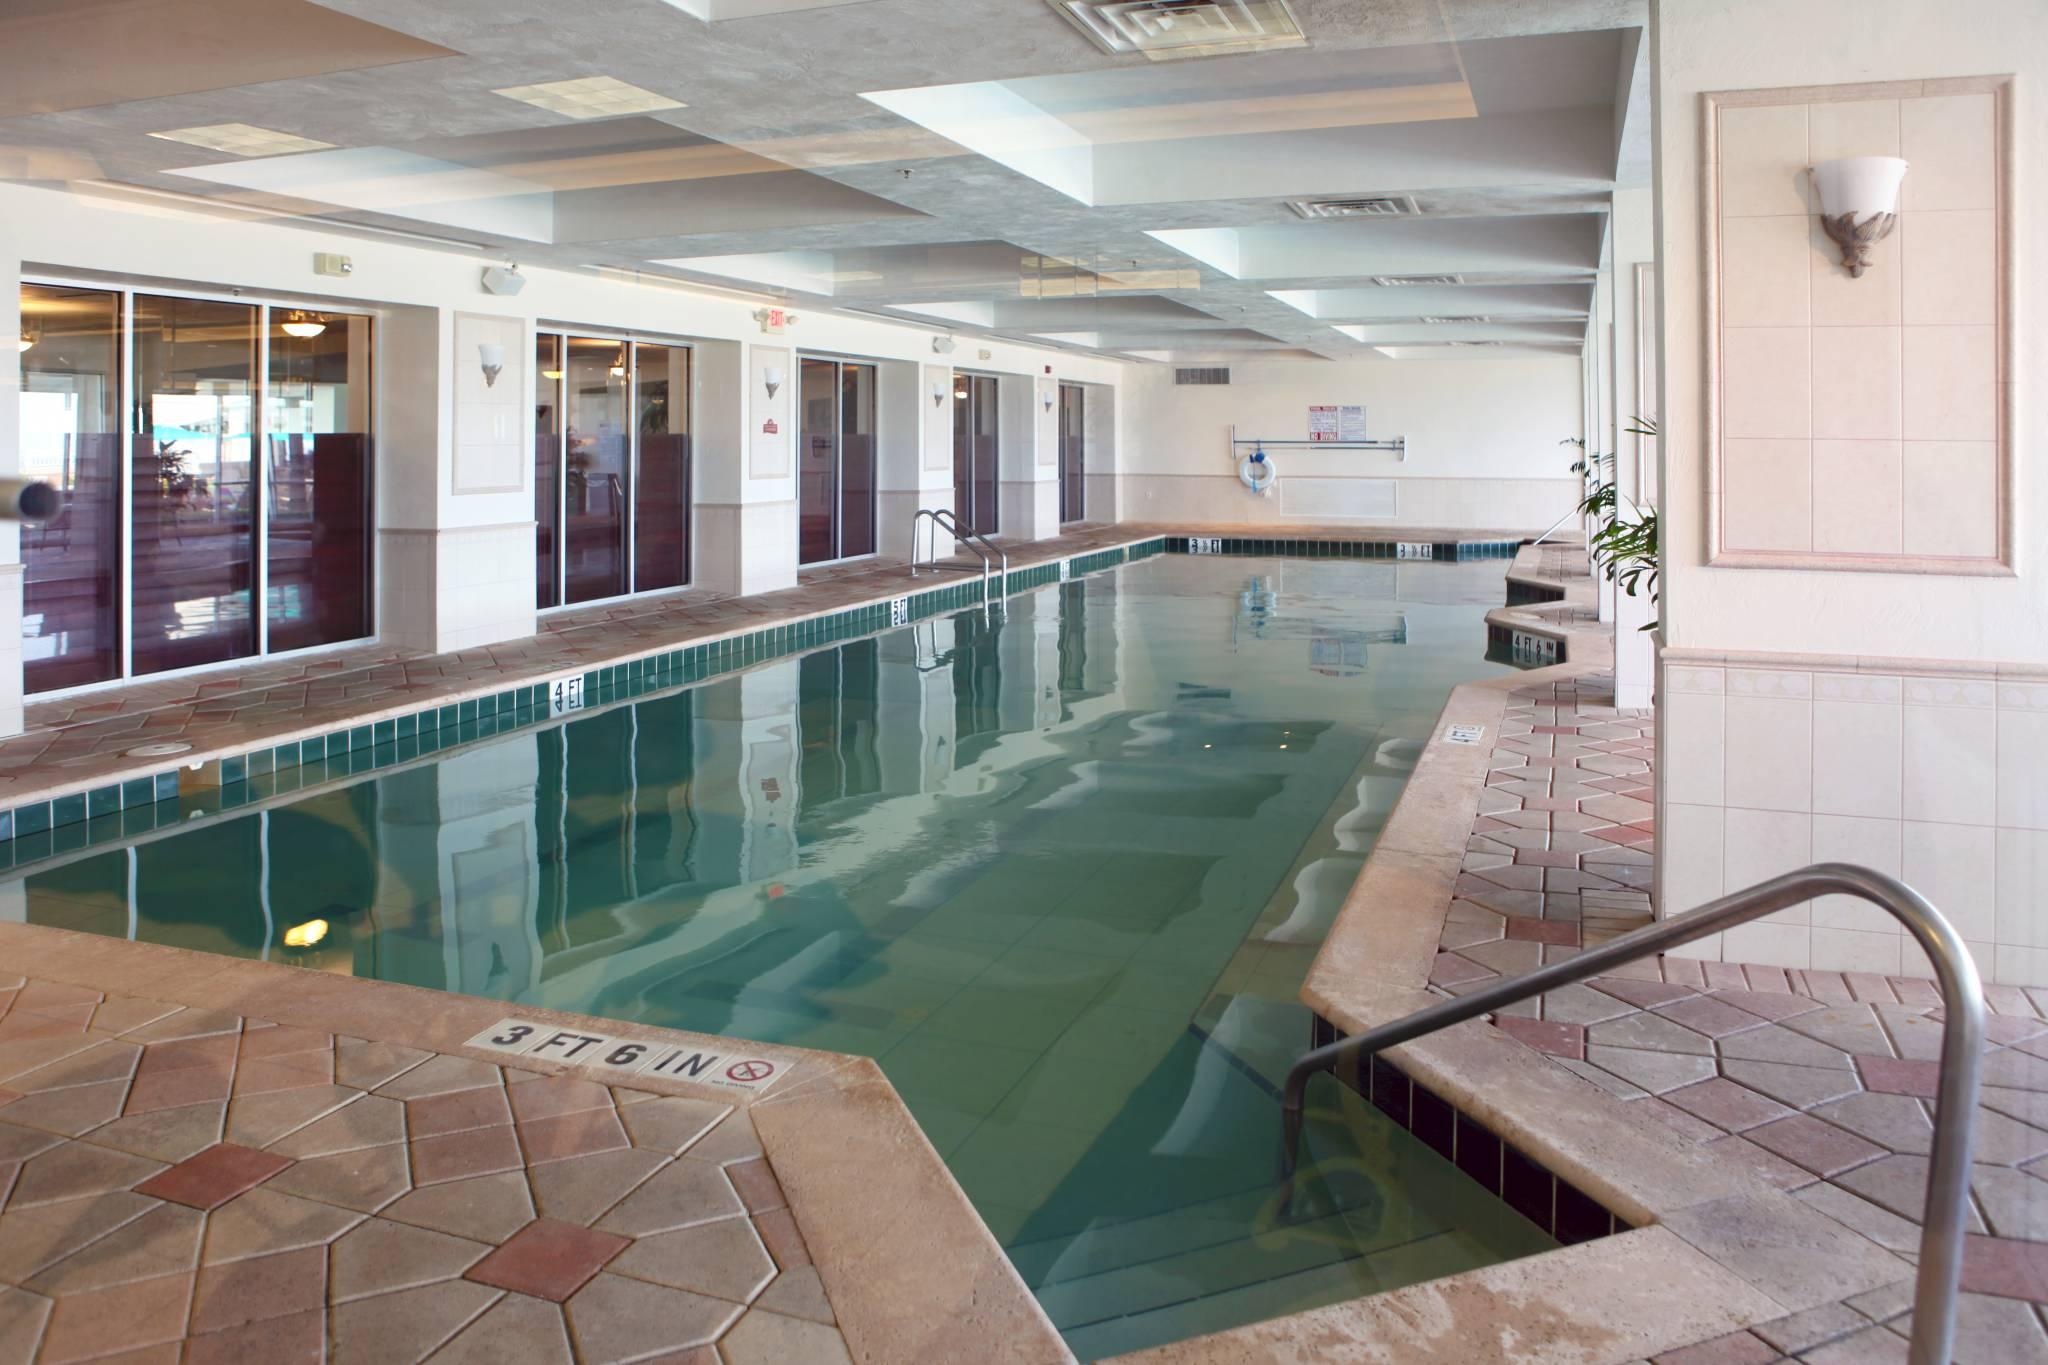 daytona beach resort conference center indoor pool. Black Bedroom Furniture Sets. Home Design Ideas